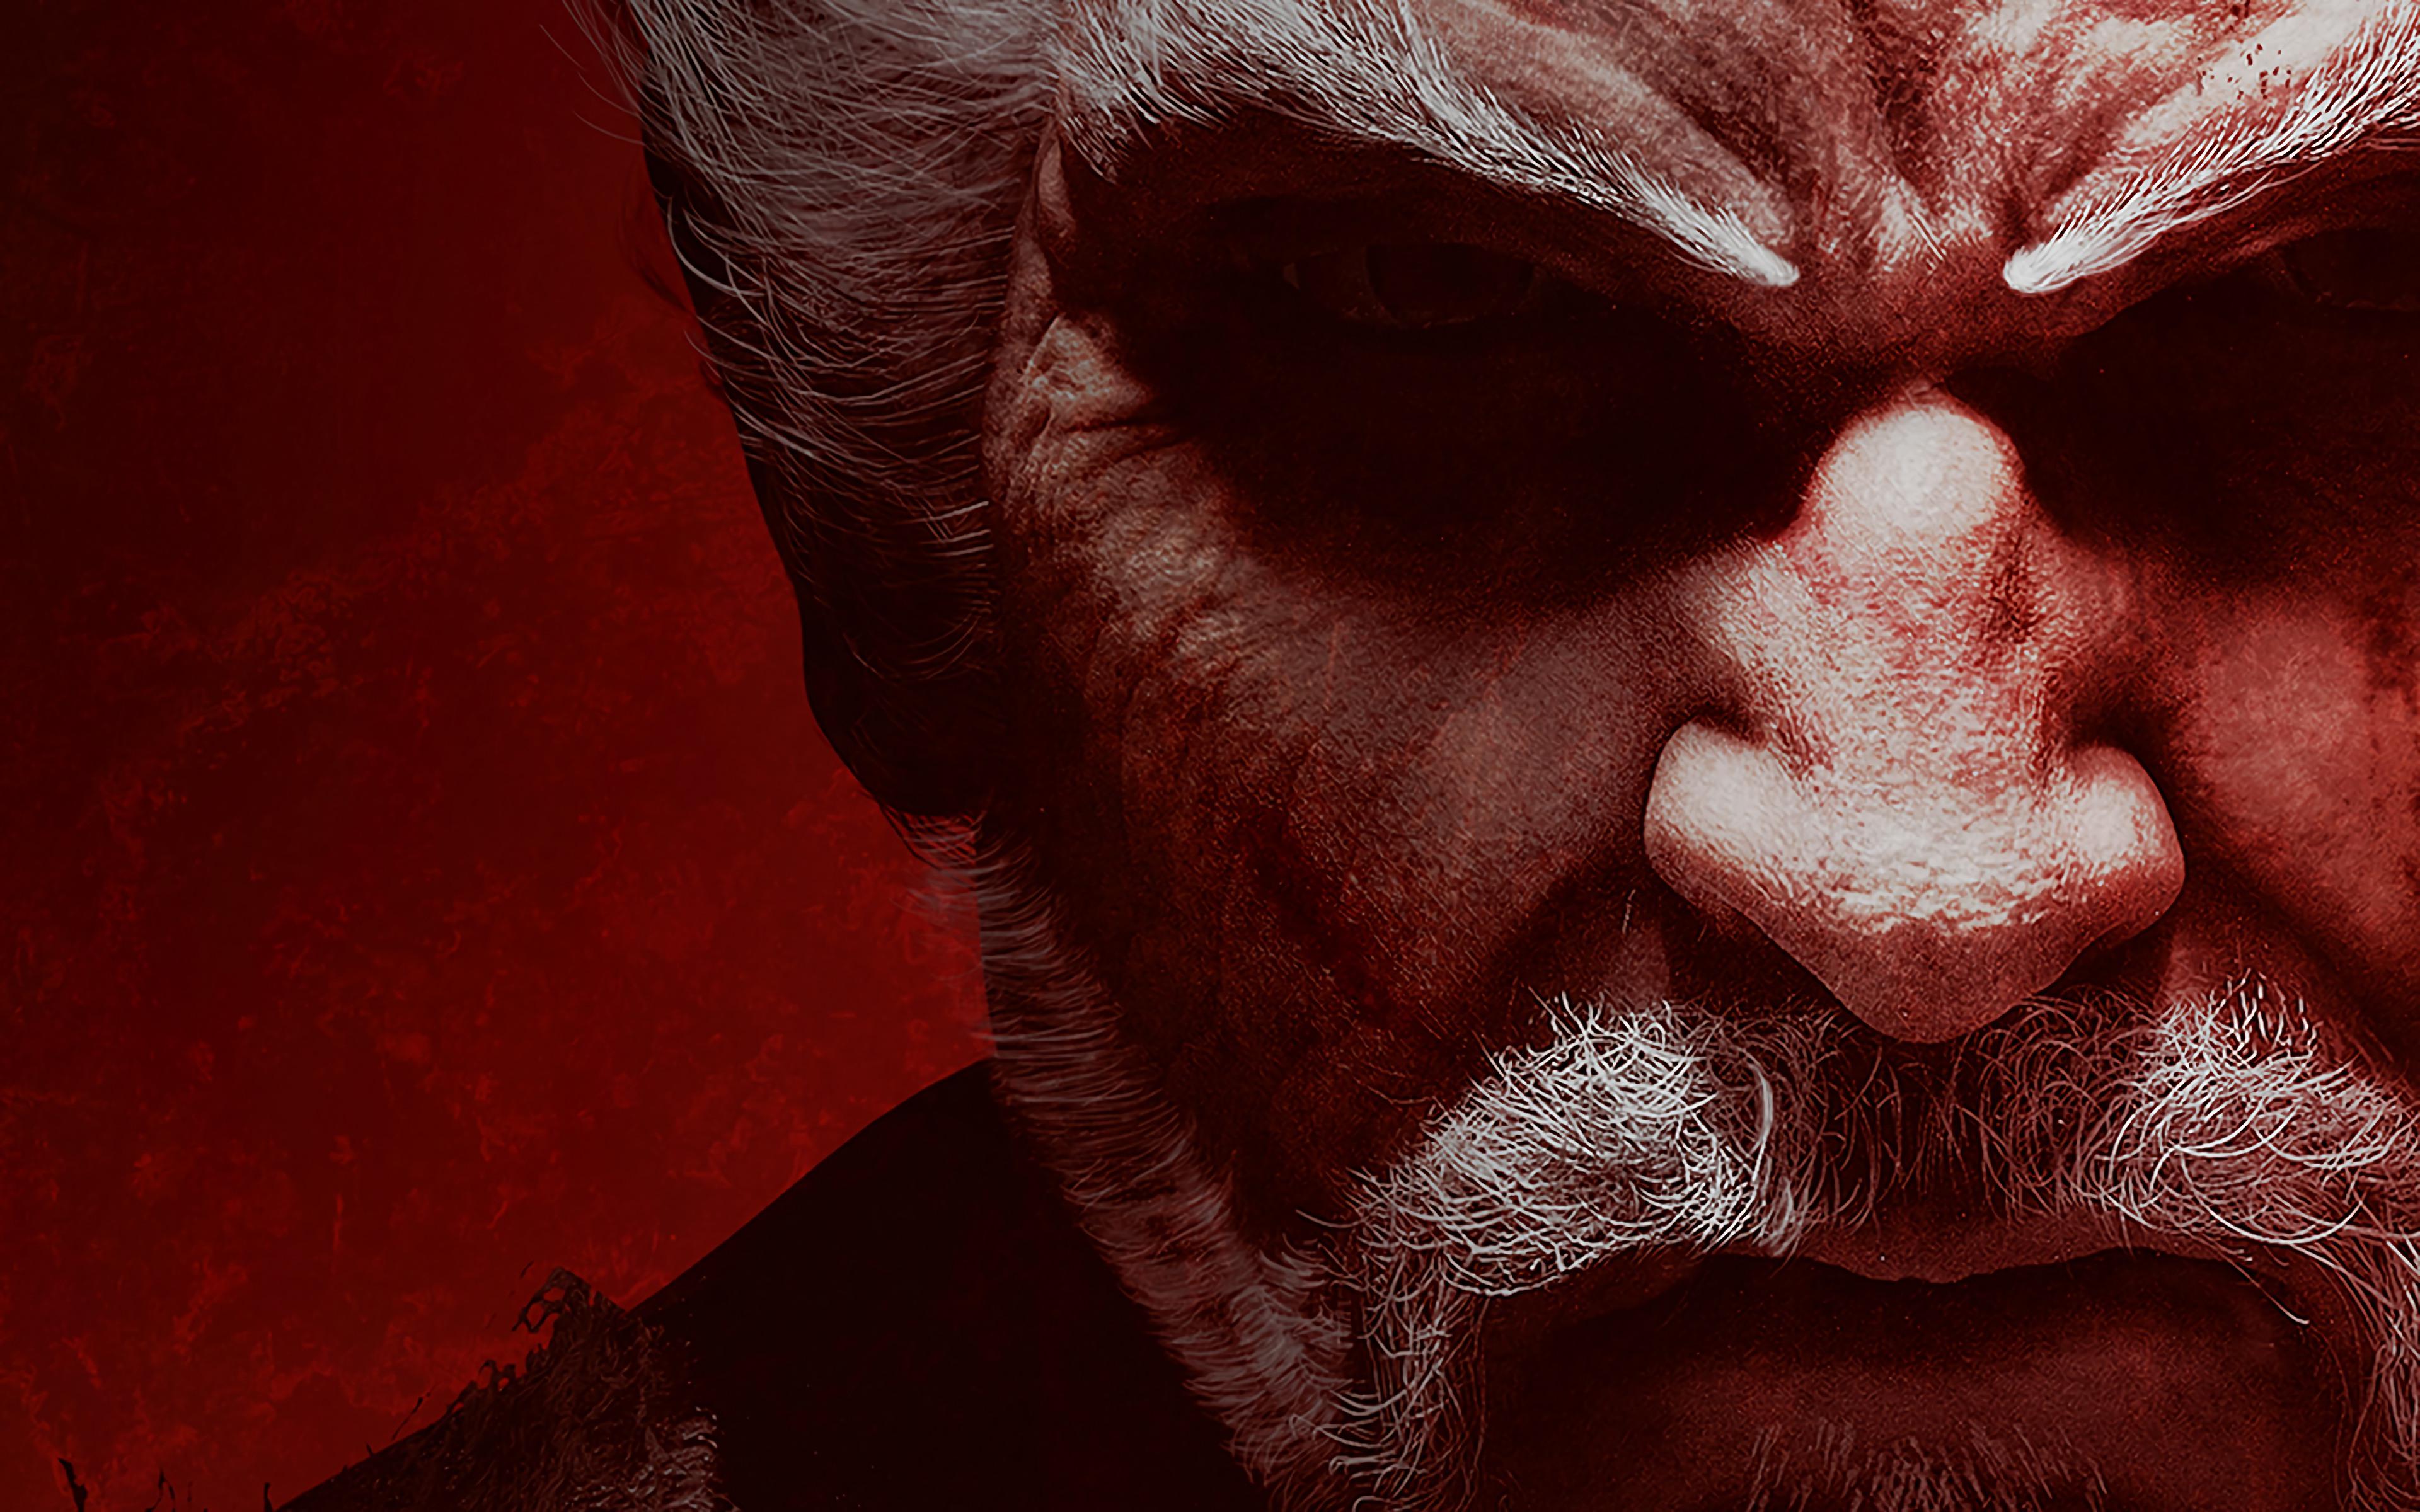 Tekken 7 Wallpapers Pictures Images